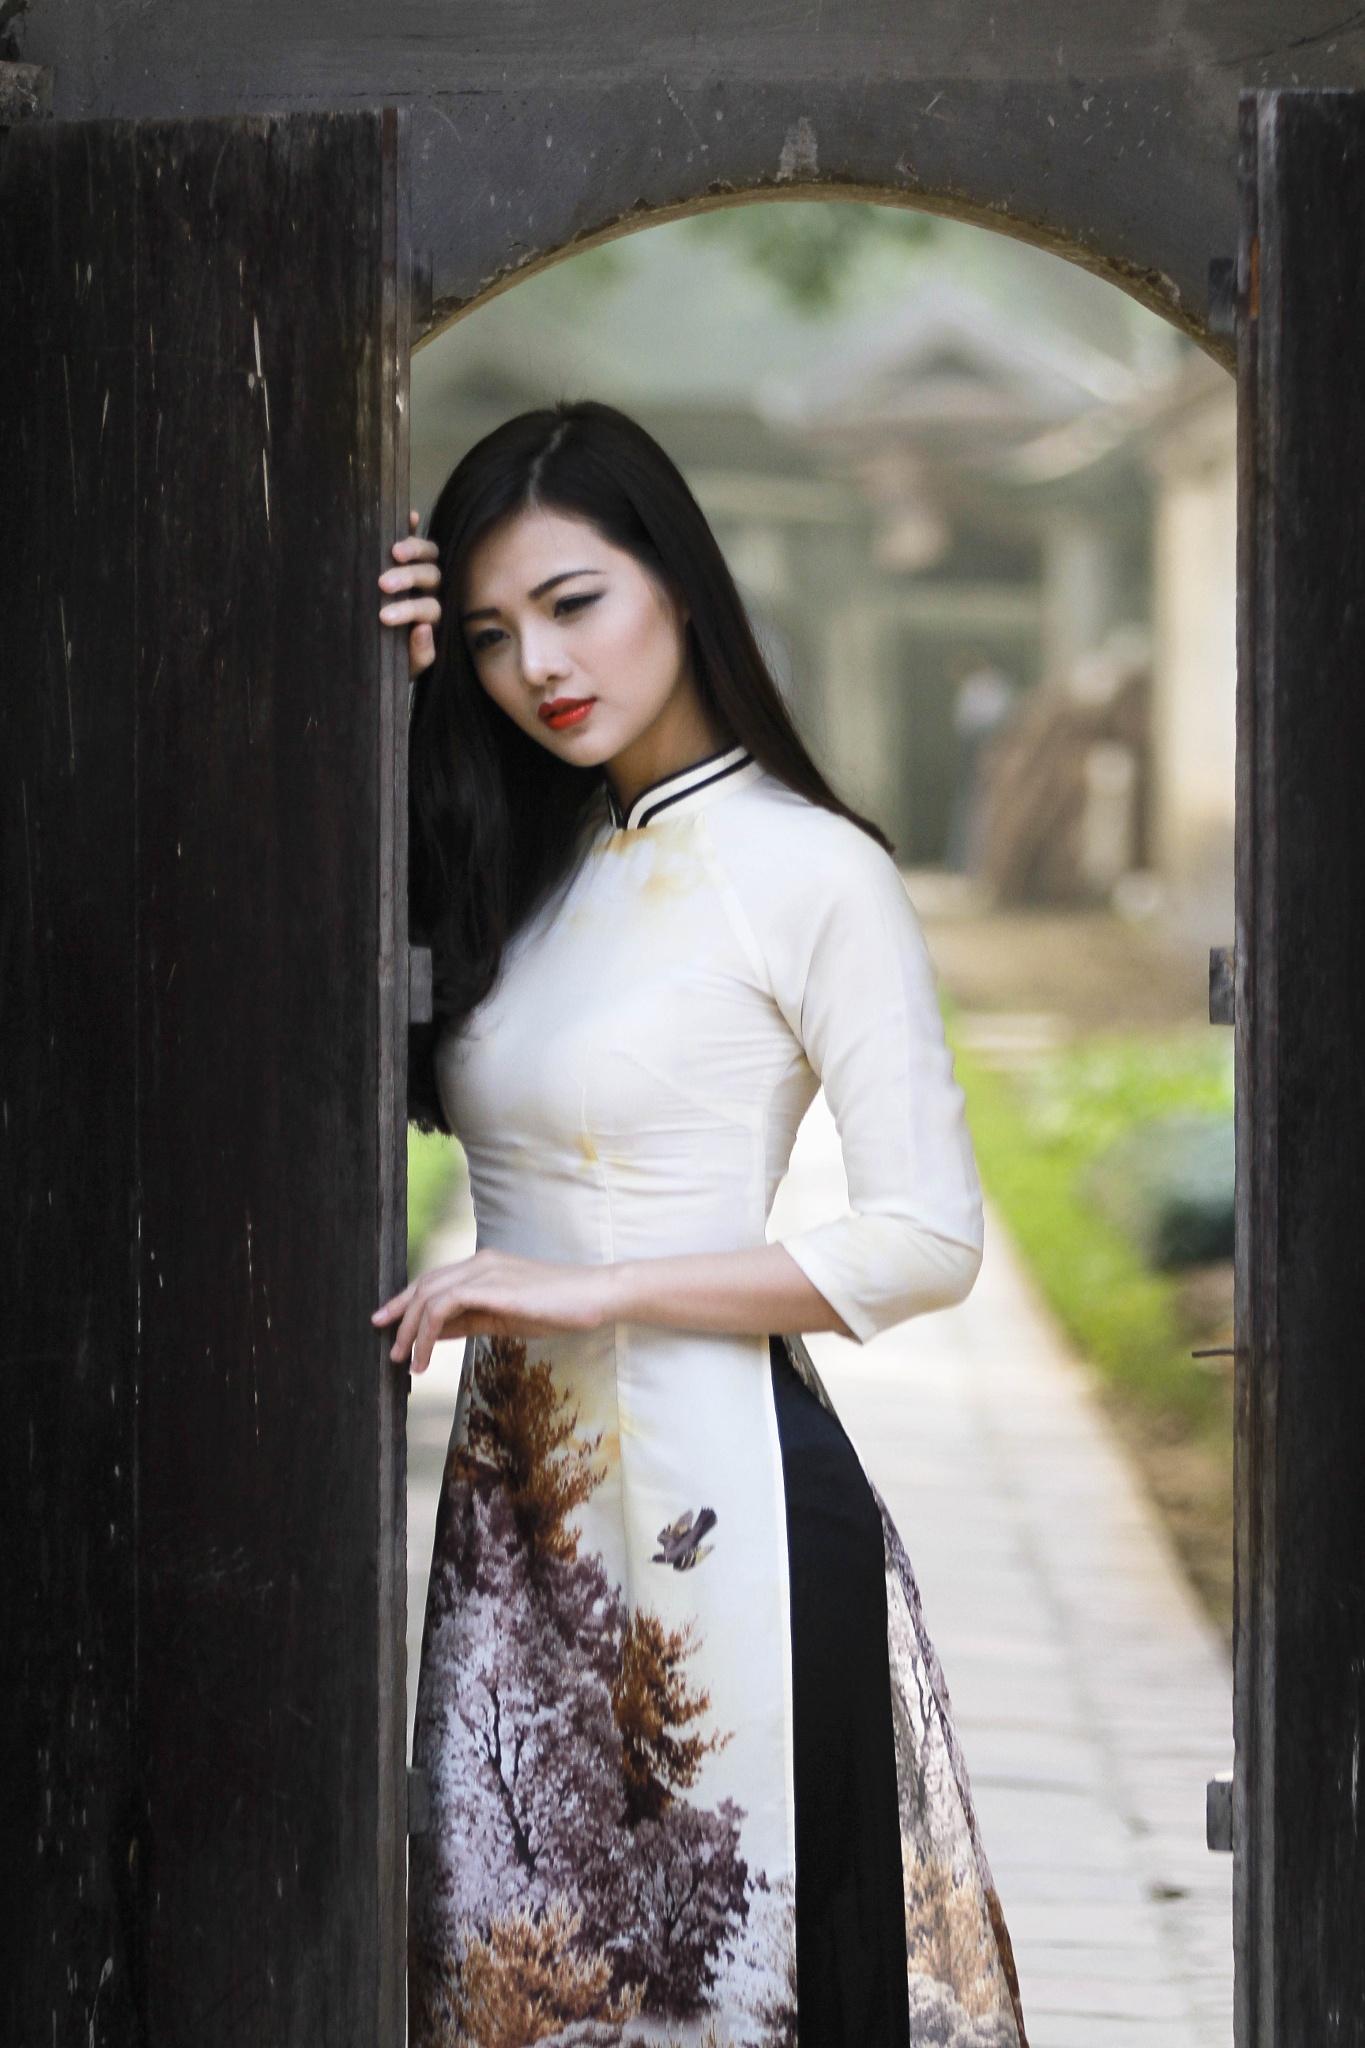 gril inside door by HungNguyen